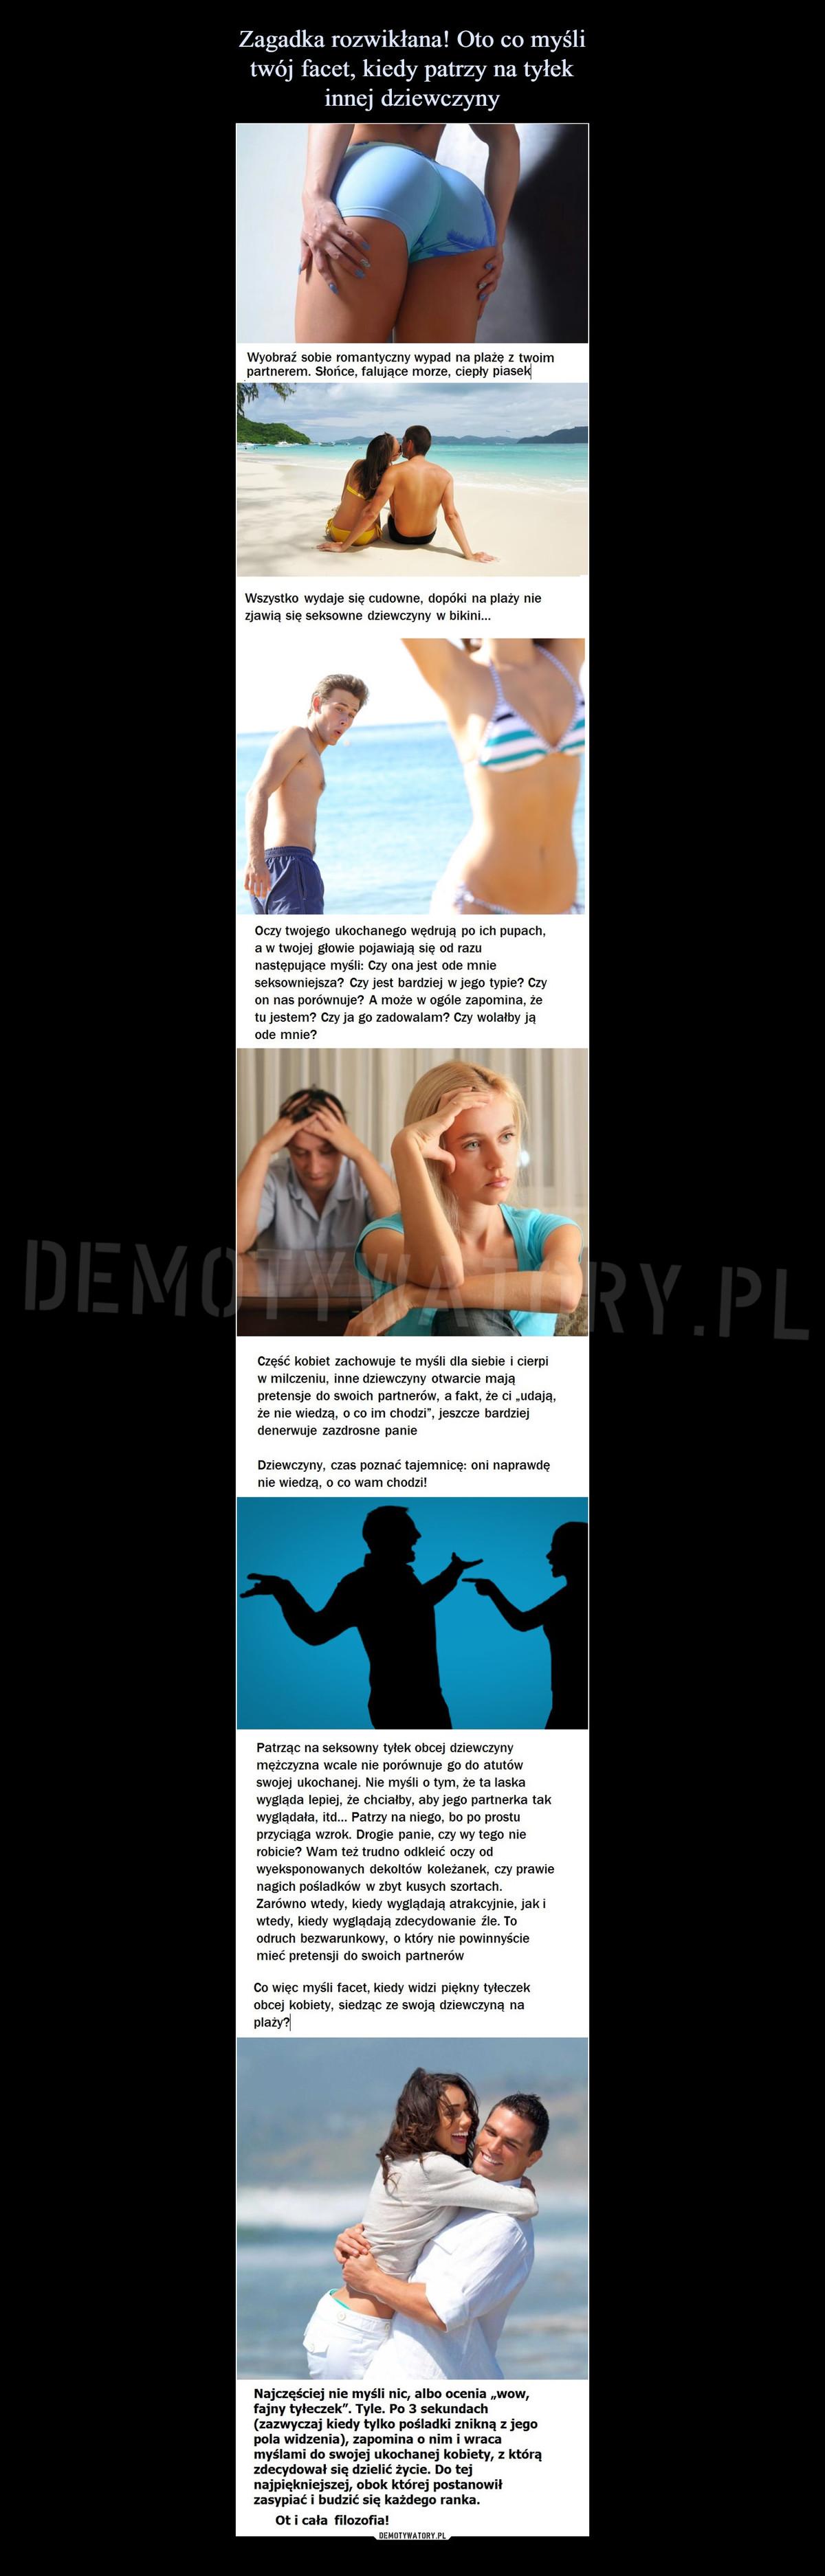 c8918c130ec90a Oto co myśli twój facet, kiedy patrzy na tyłek innej dziewczyny –  Demotywatory.pl